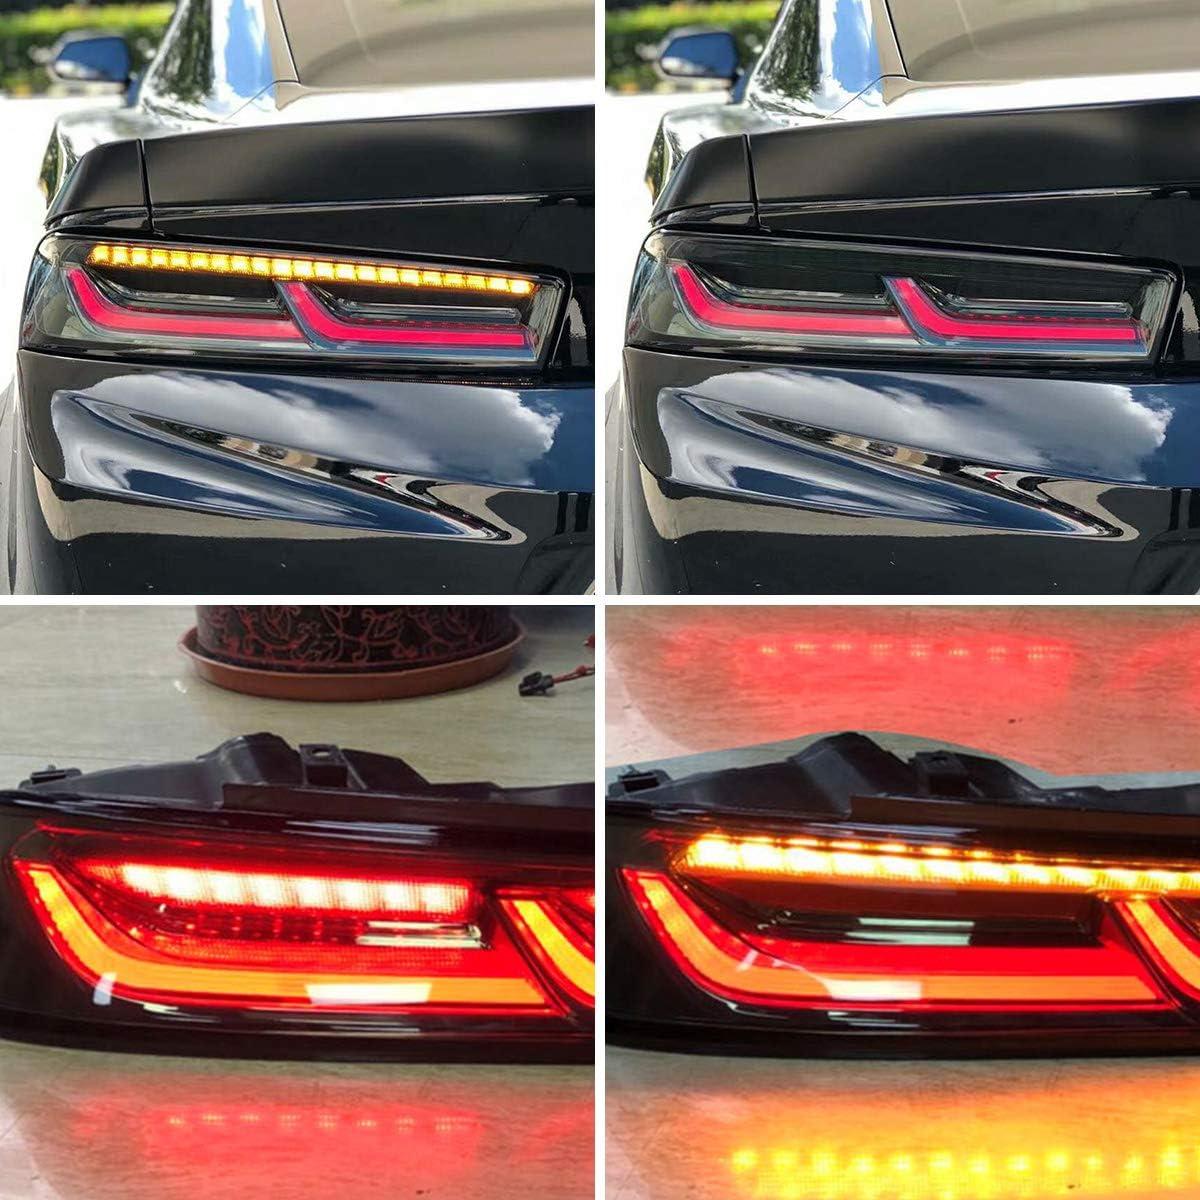 VLAND R/ücklicht f/ür Camaro 6th Gen 2015-2018 LED Bar R/ückleuchten Set mit dynamischer